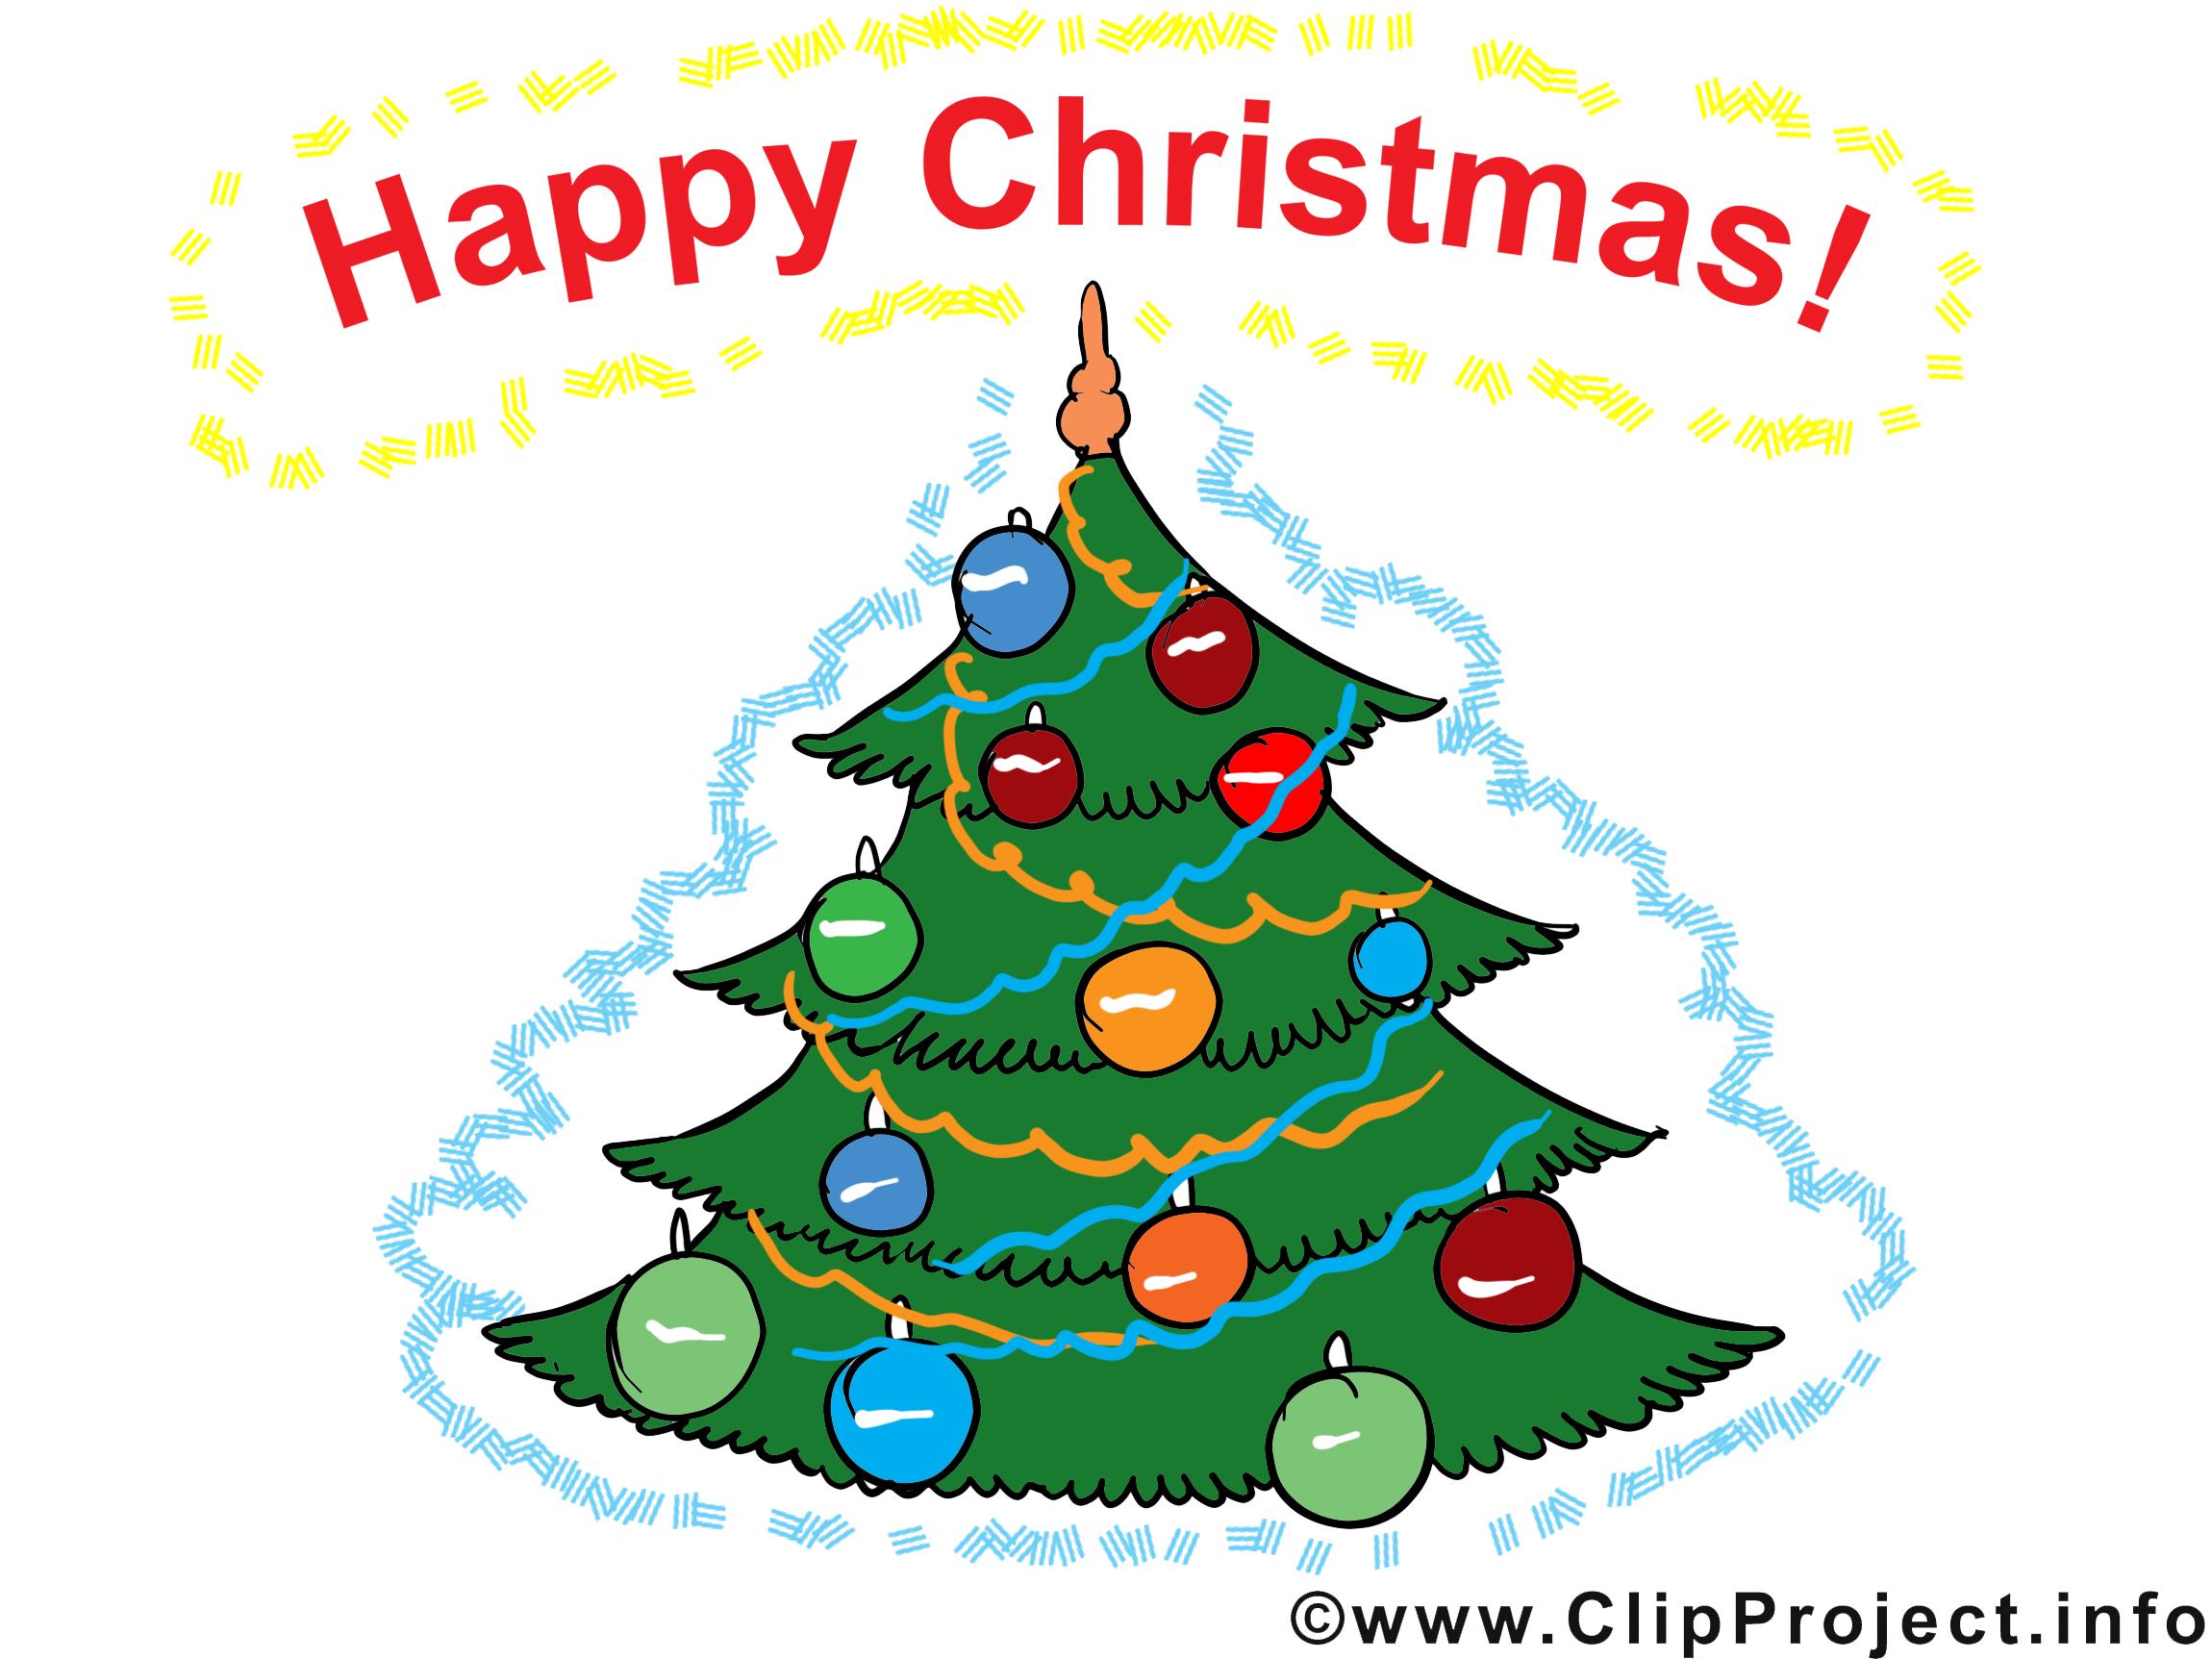 Joyeux noël illustration – Noël images